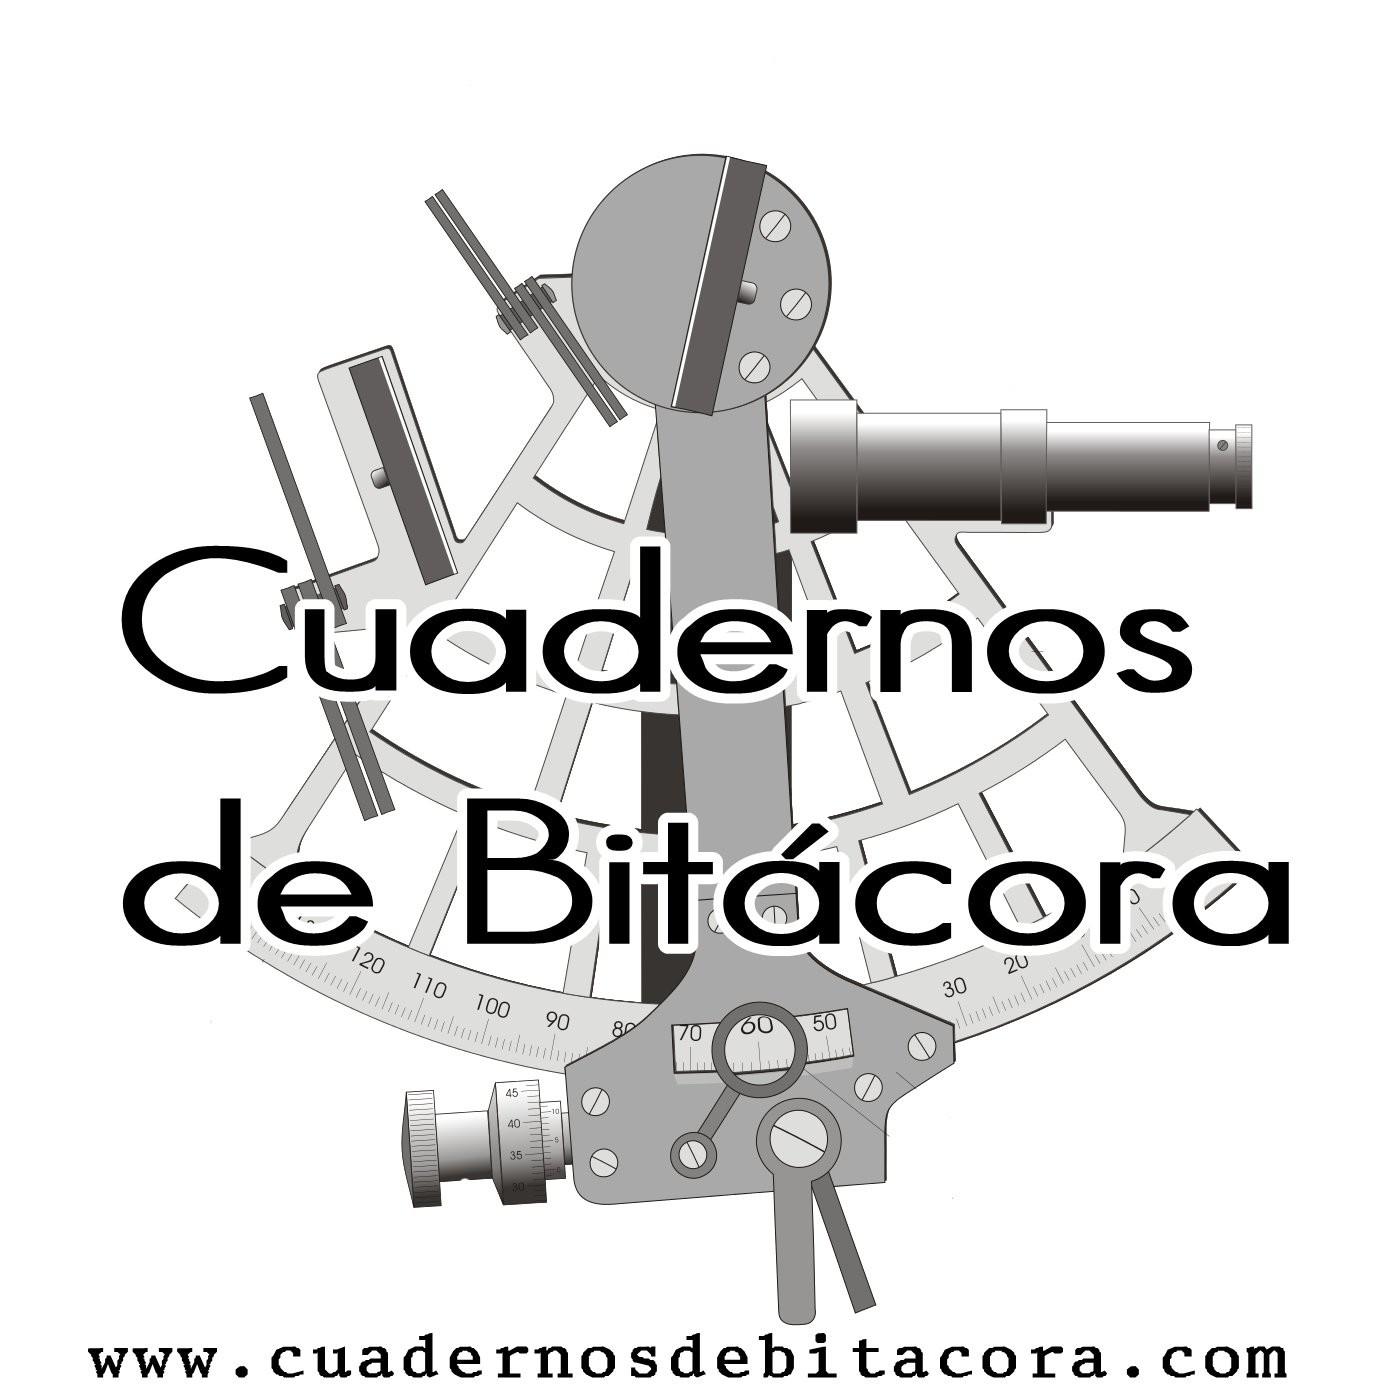 <![CDATA[Cuadernos de Bitácora (Misterio·Ciencia·Historia)]]>